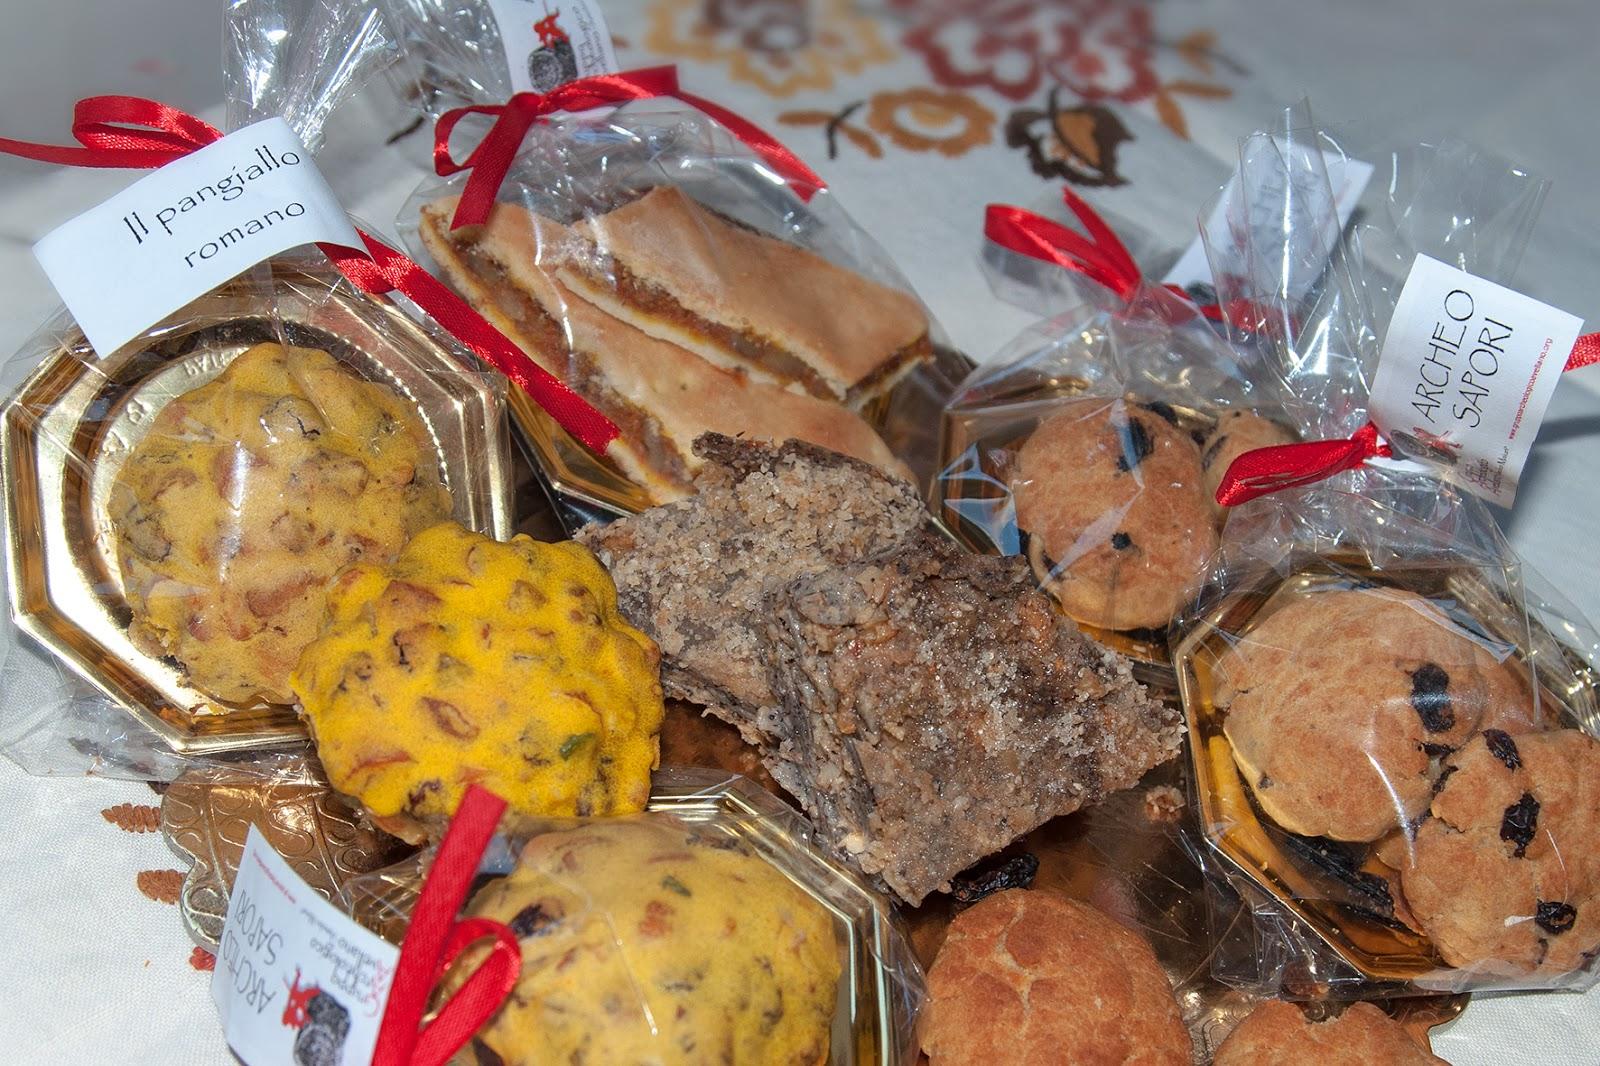 Pangiallo romano e lasagne etrusche ad avella l for Dolci tradizionali romani